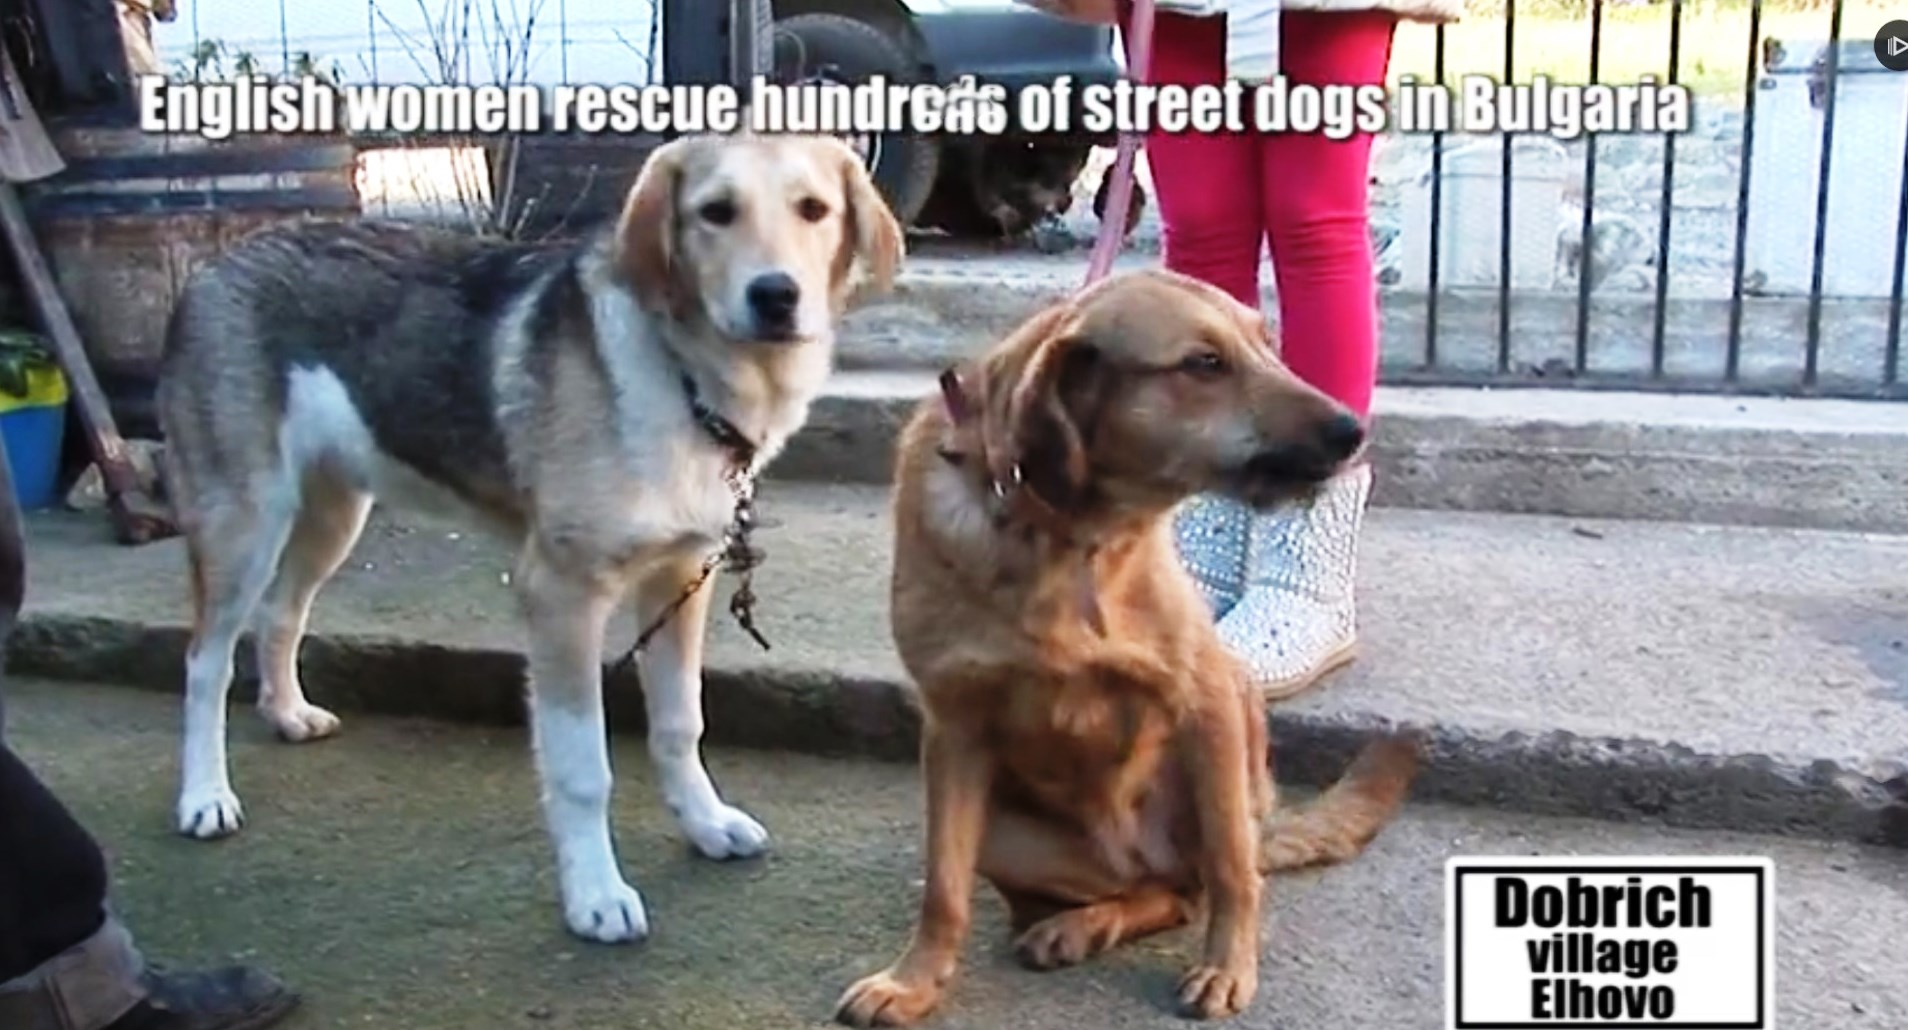 РЕСПЕКТ: Англичанки спасяват и намират осиновители за стотици български улични кучета